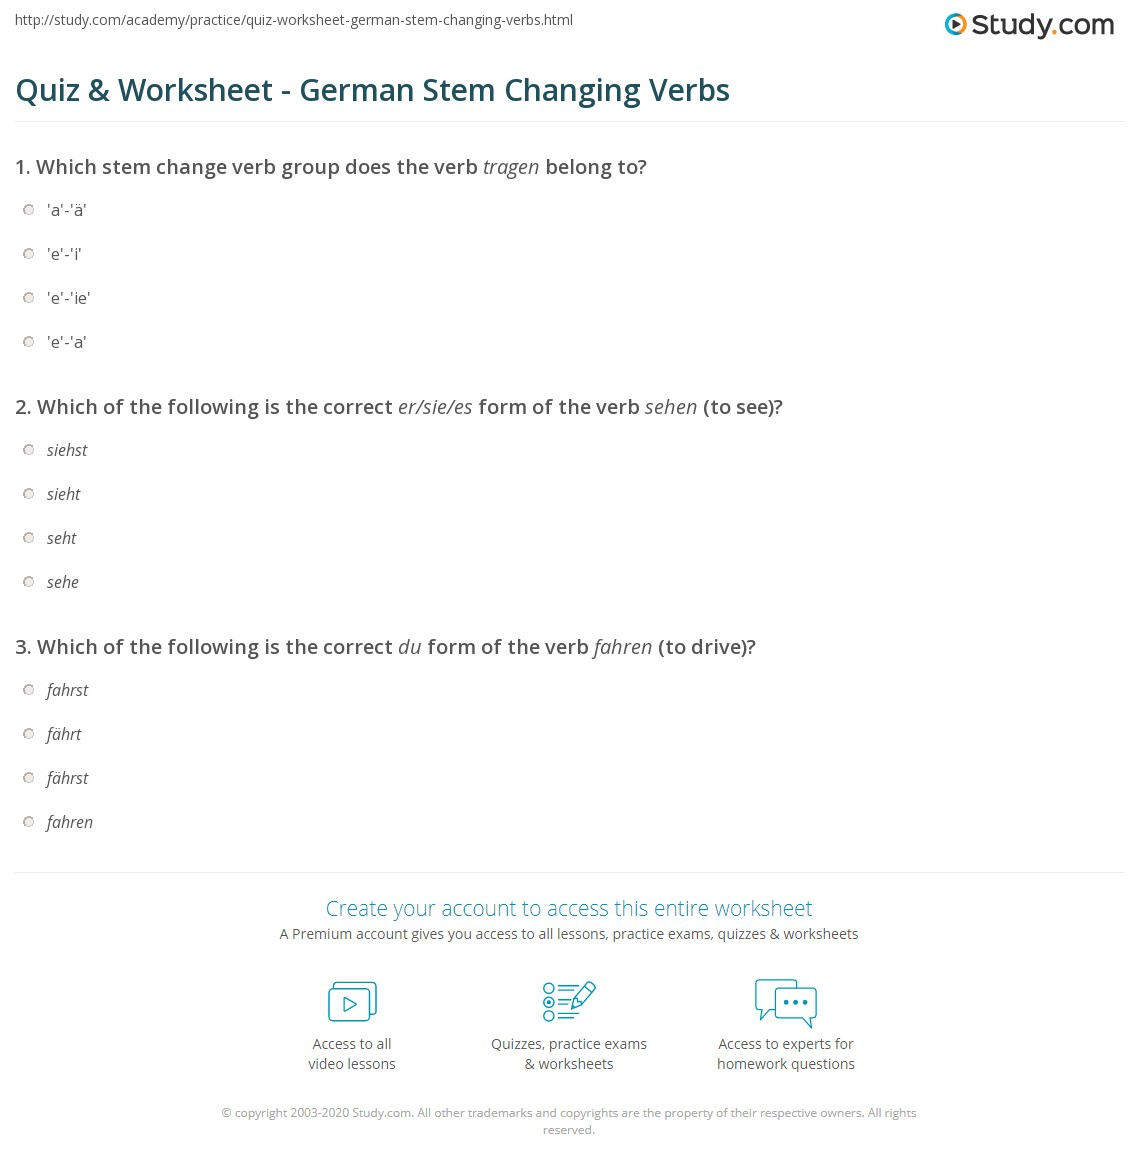 quiz worksheet german stem changing verbs. Black Bedroom Furniture Sets. Home Design Ideas